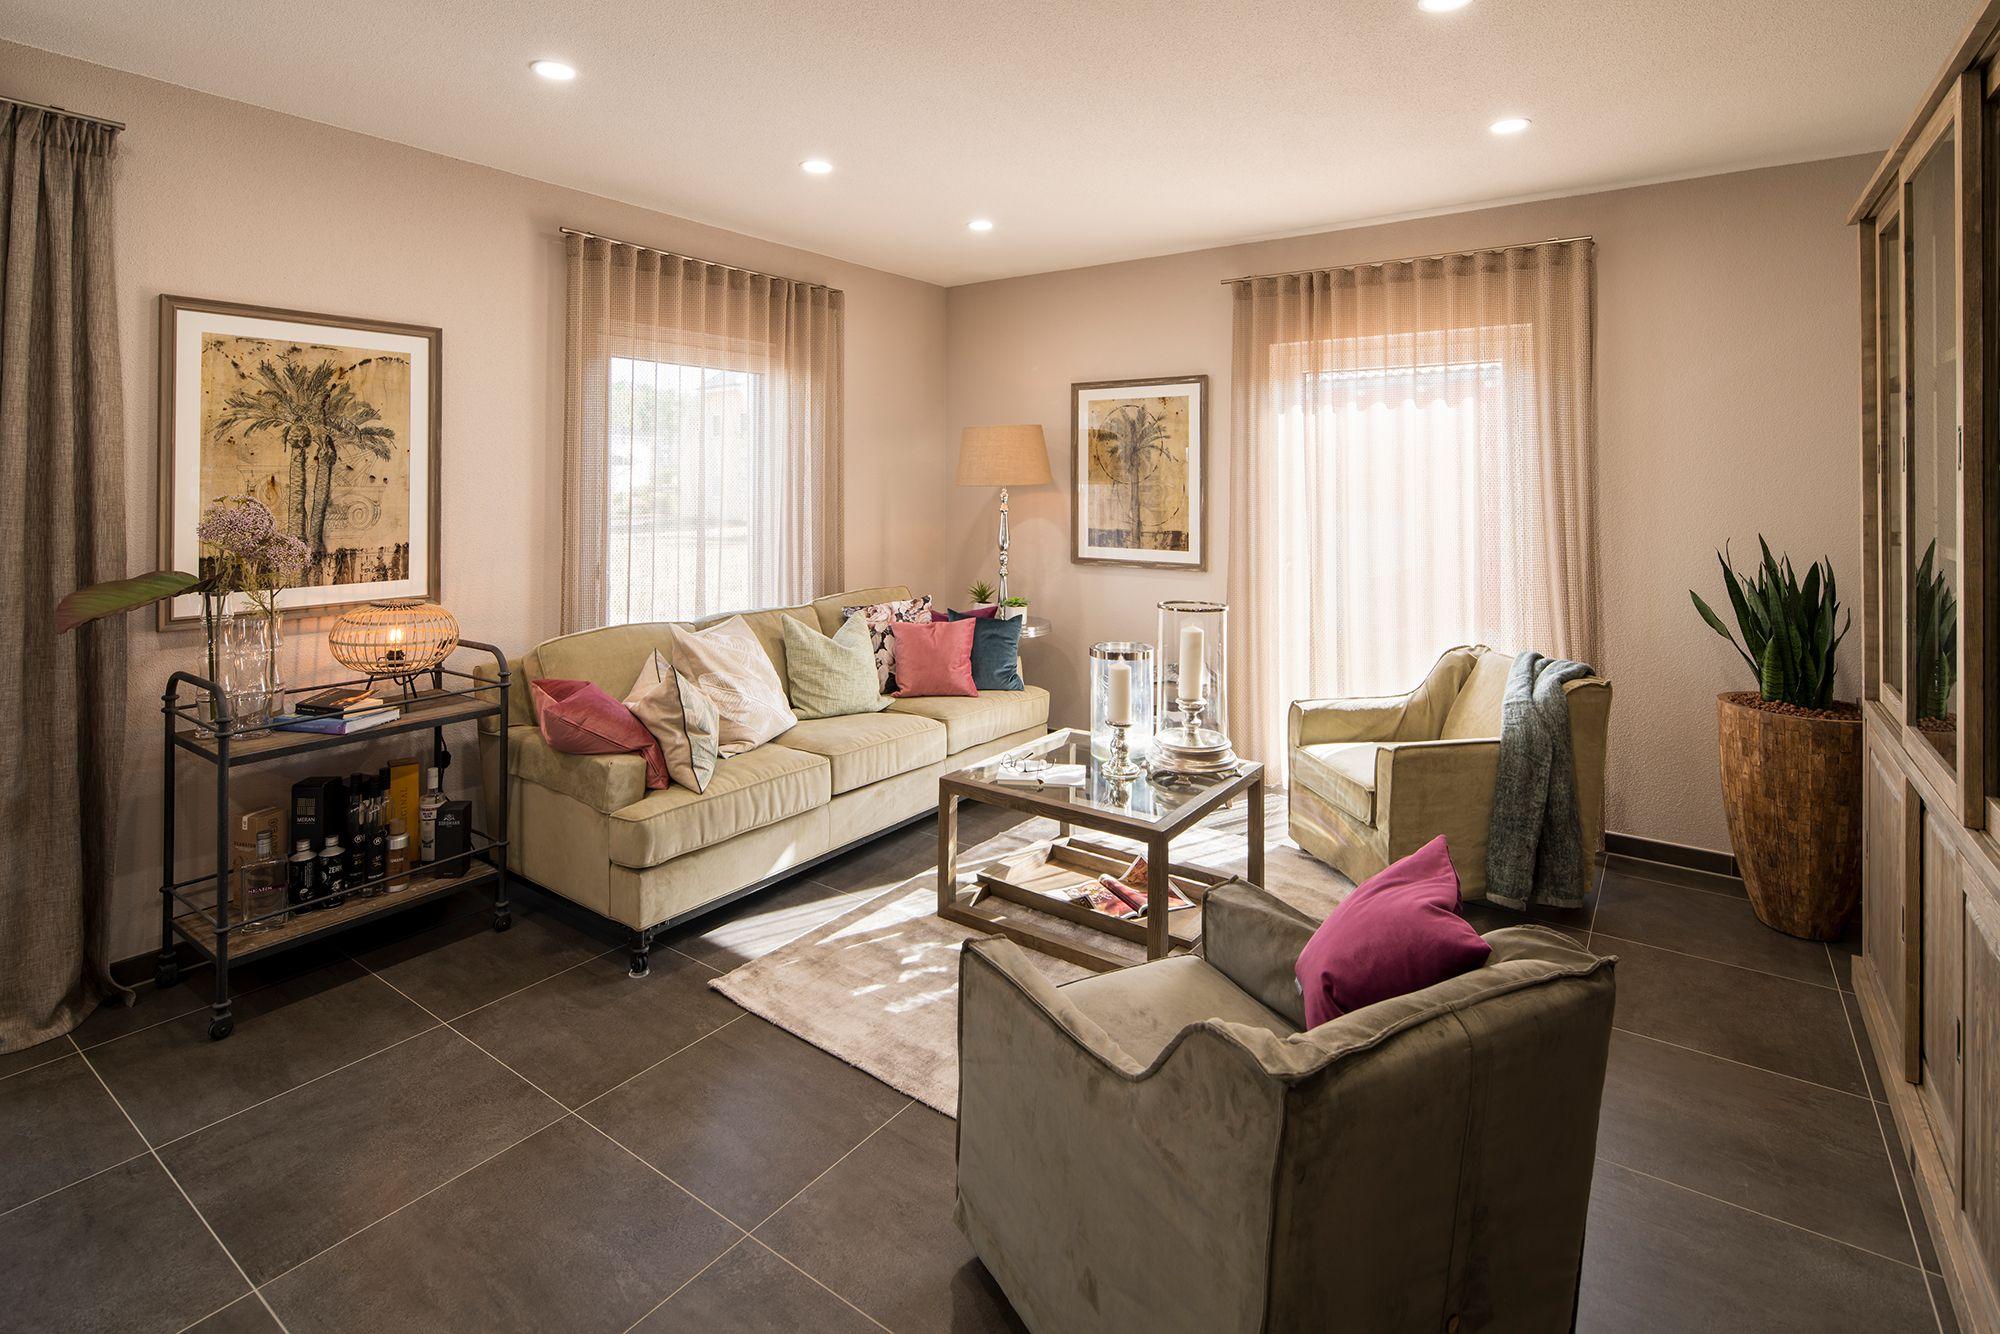 Wohnideen - Wohnzimmer mit bodentiefen Fenstern und Fliesen in